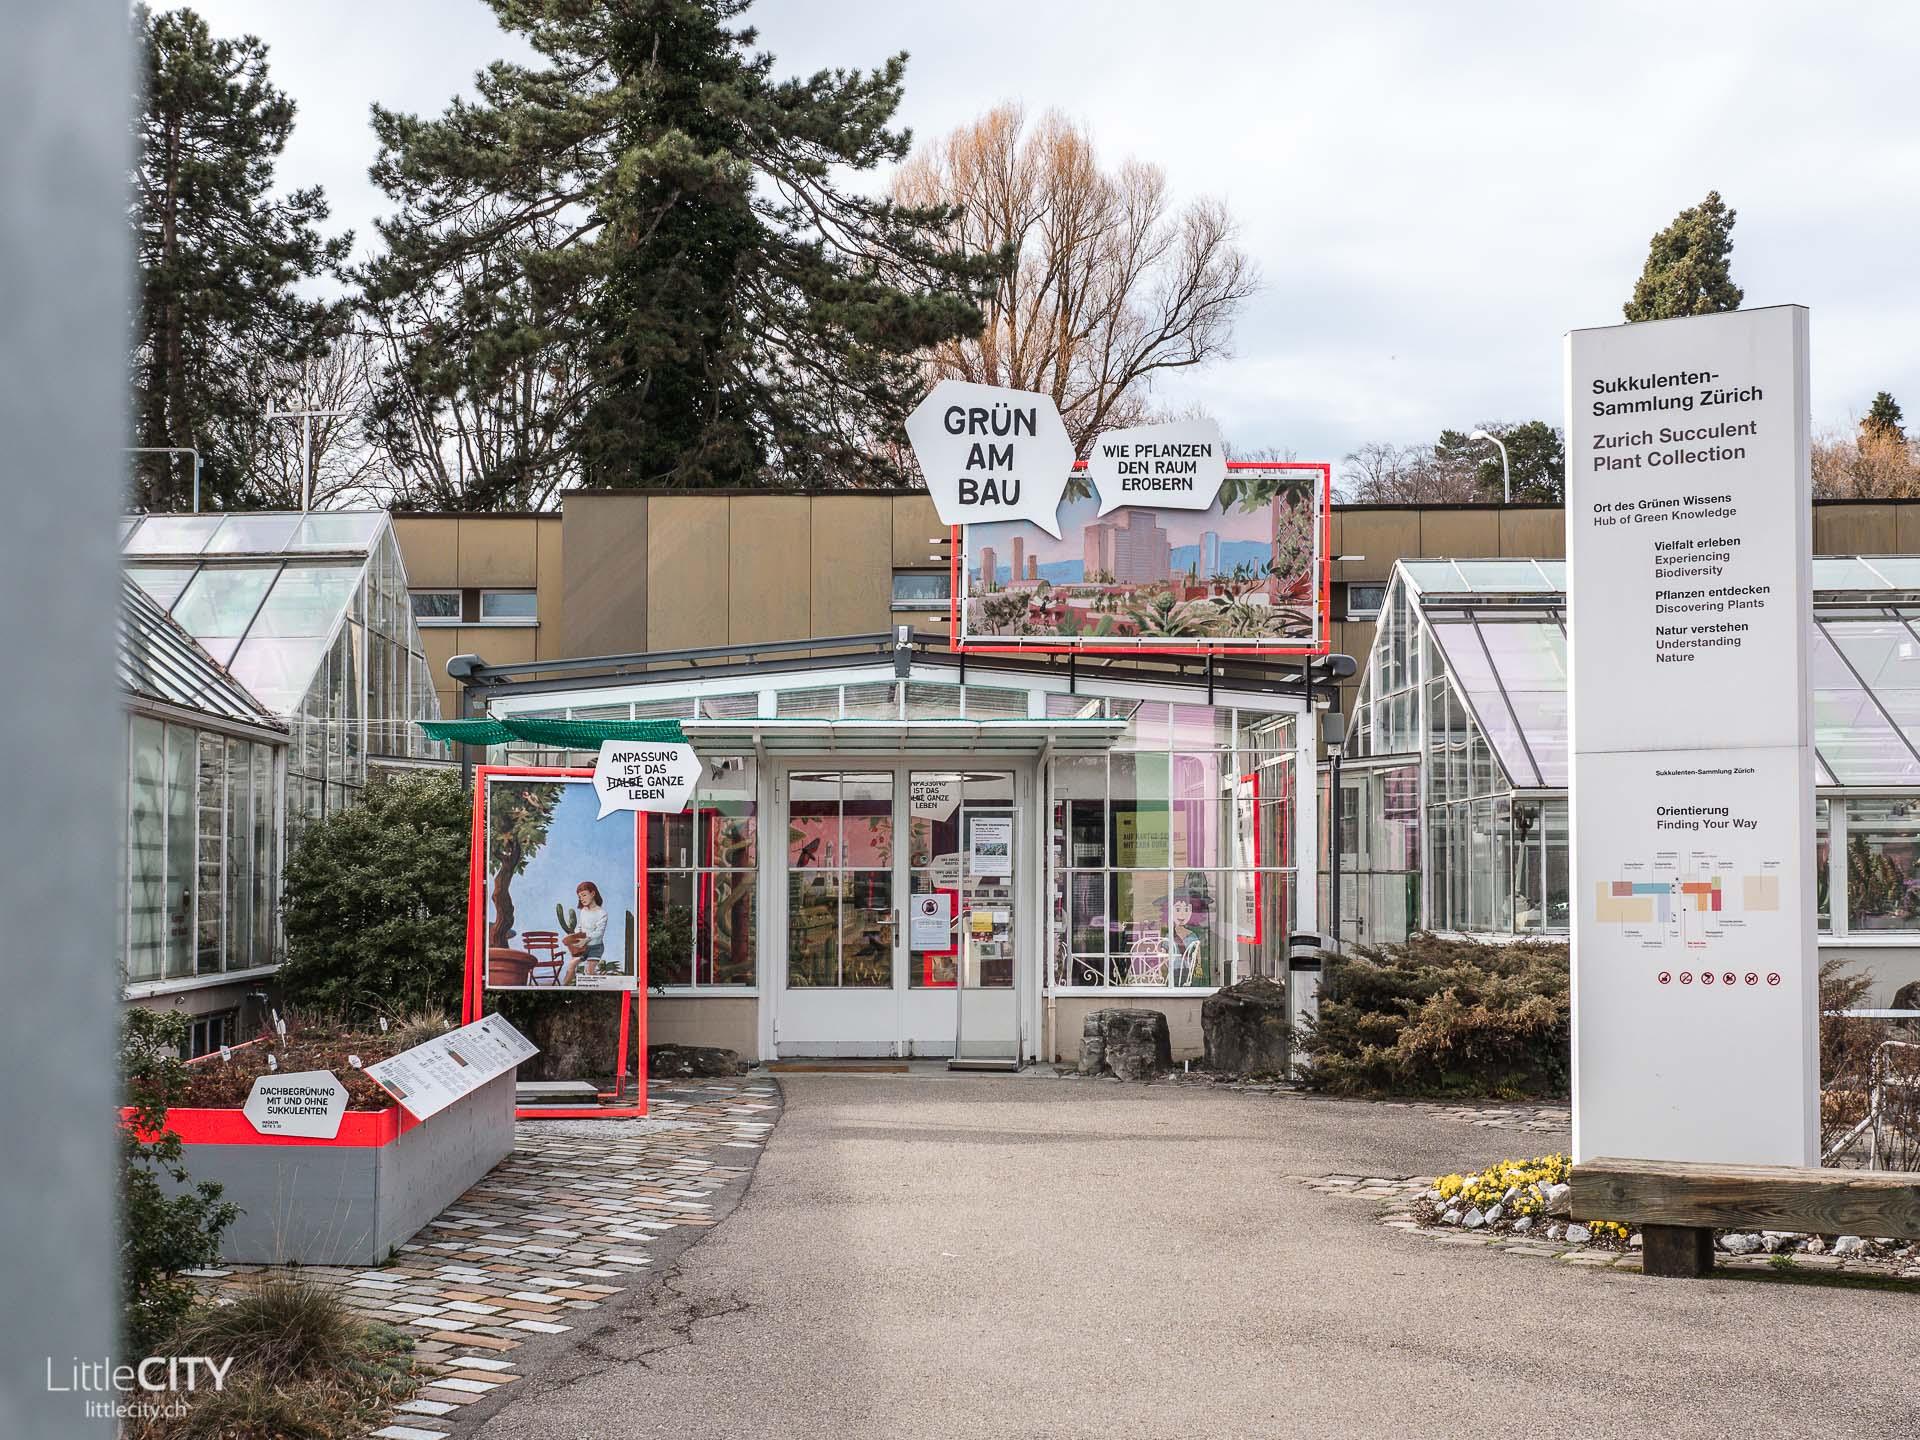 Sukkulenten Sammlung Zürich Geheimtipp